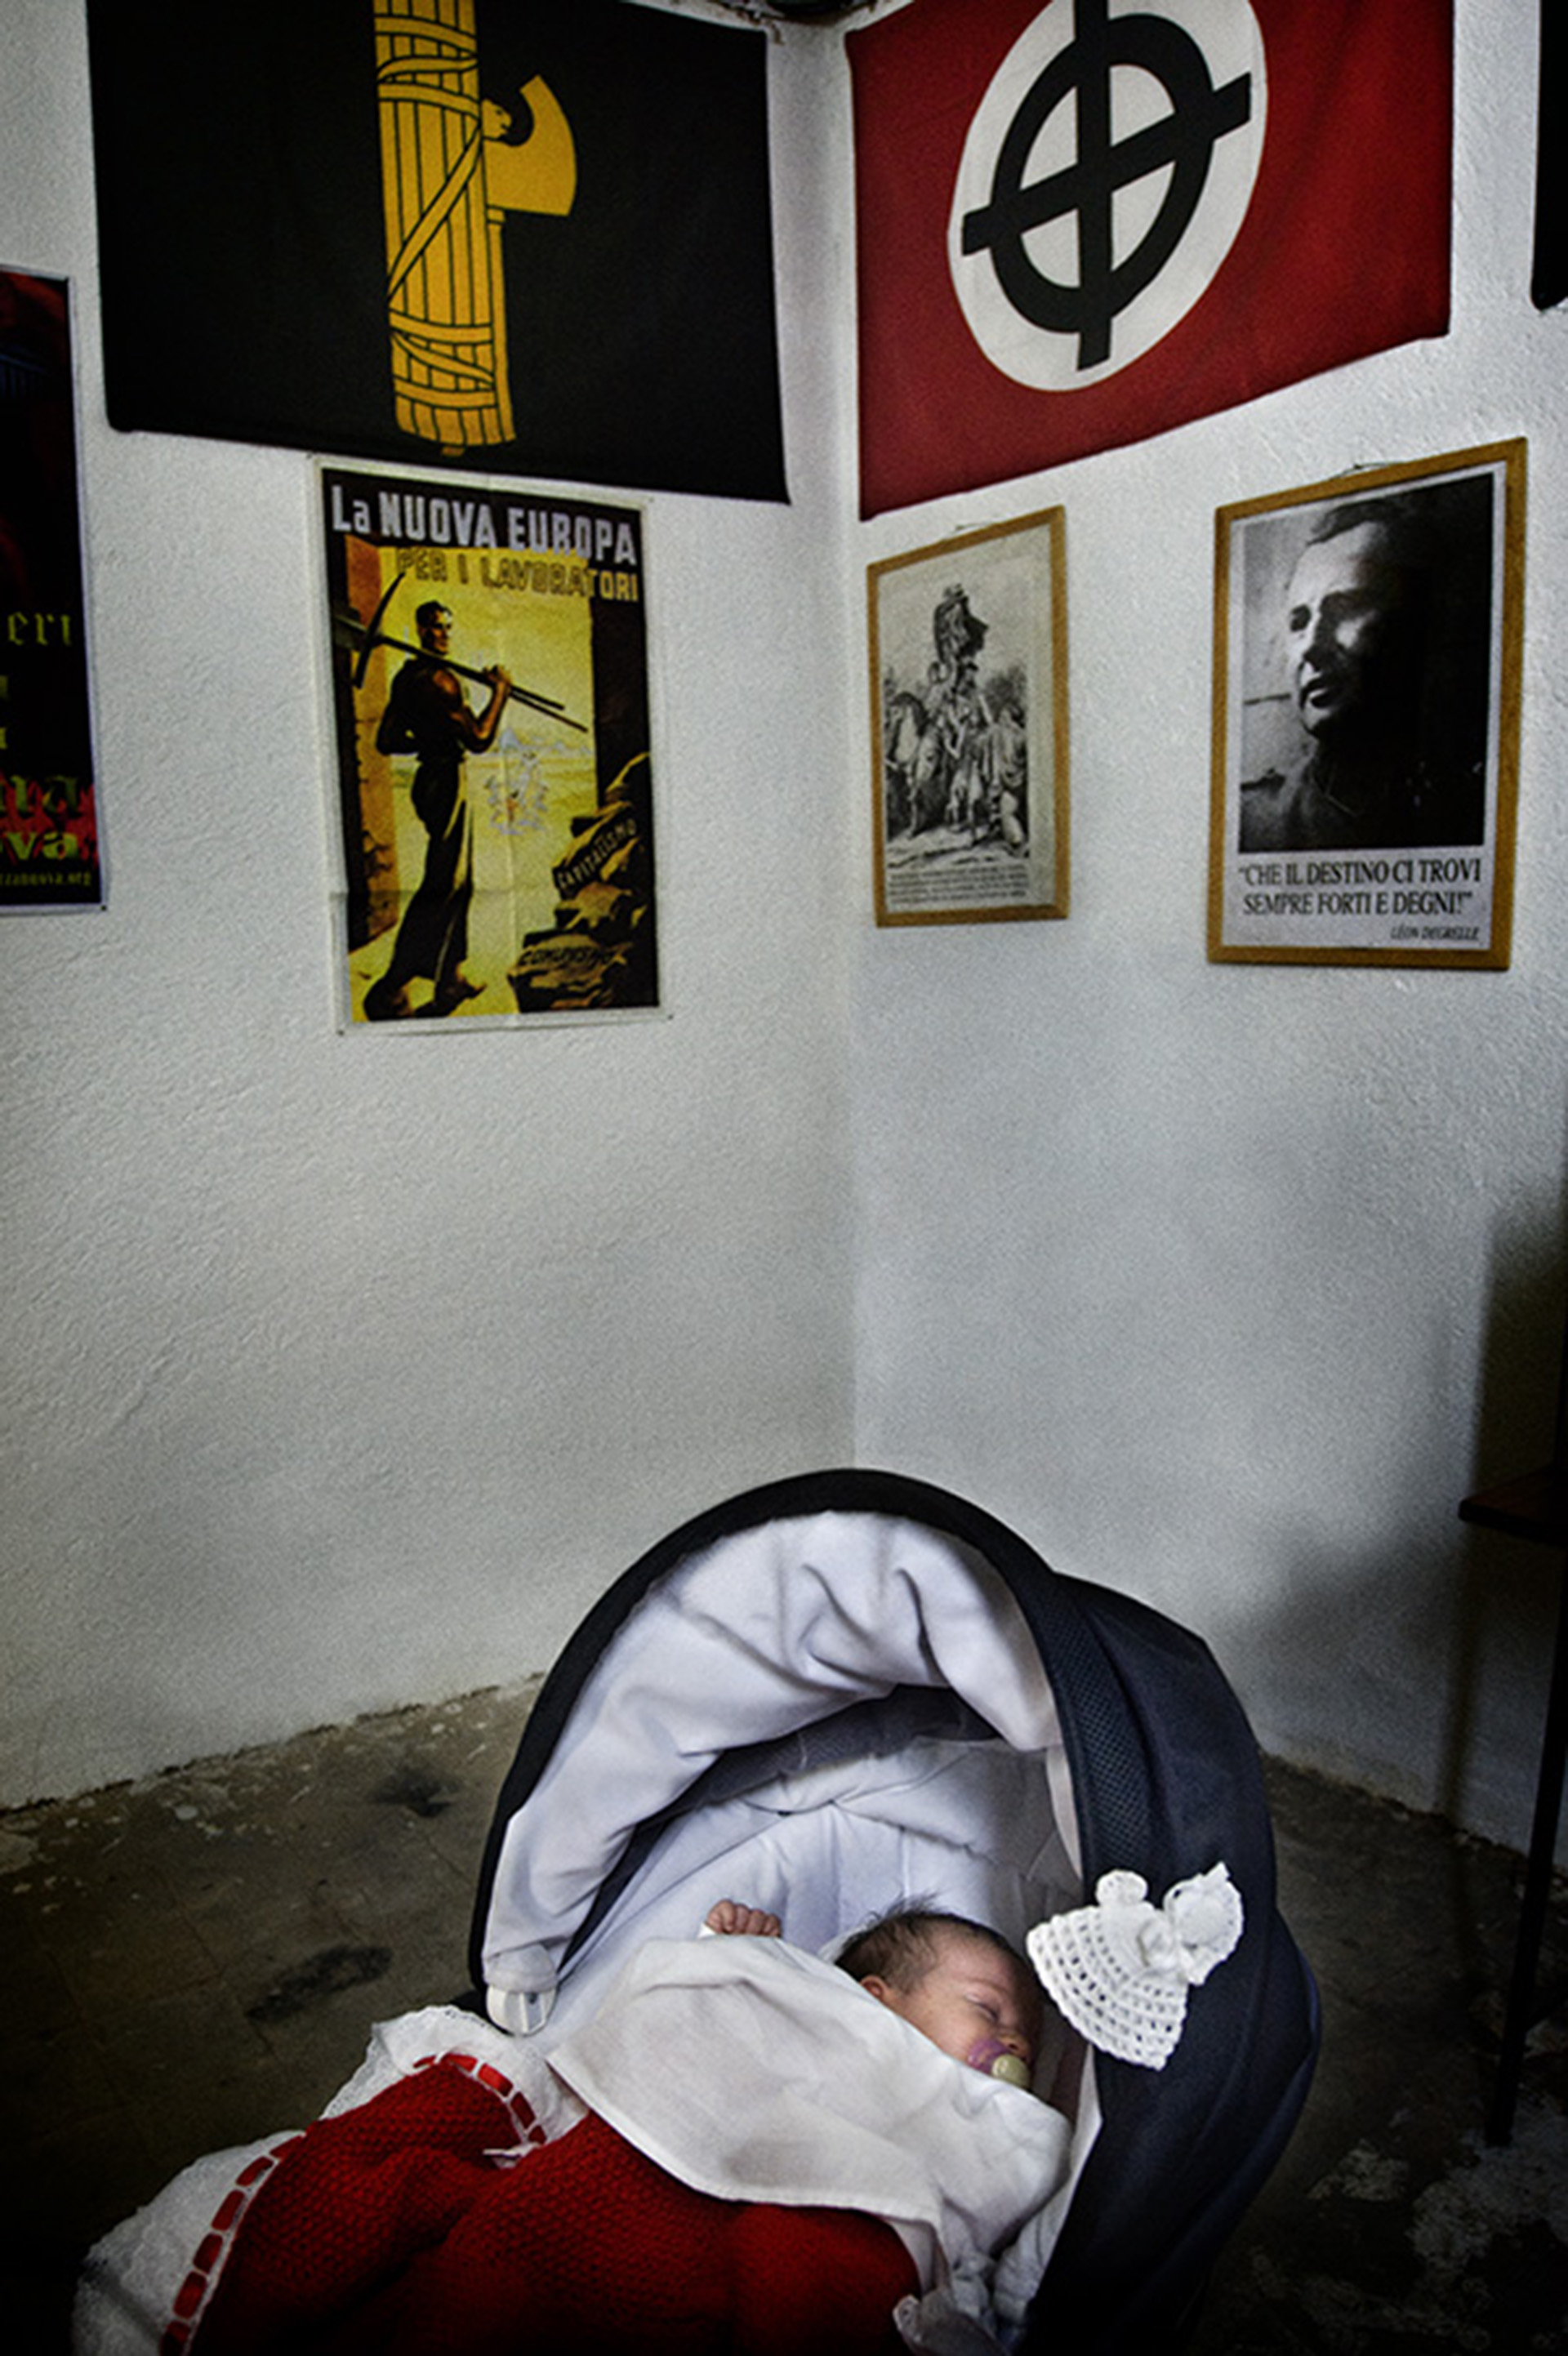 Un bebé de seis meses duerme en un cuarto decorado con propaganda nazi